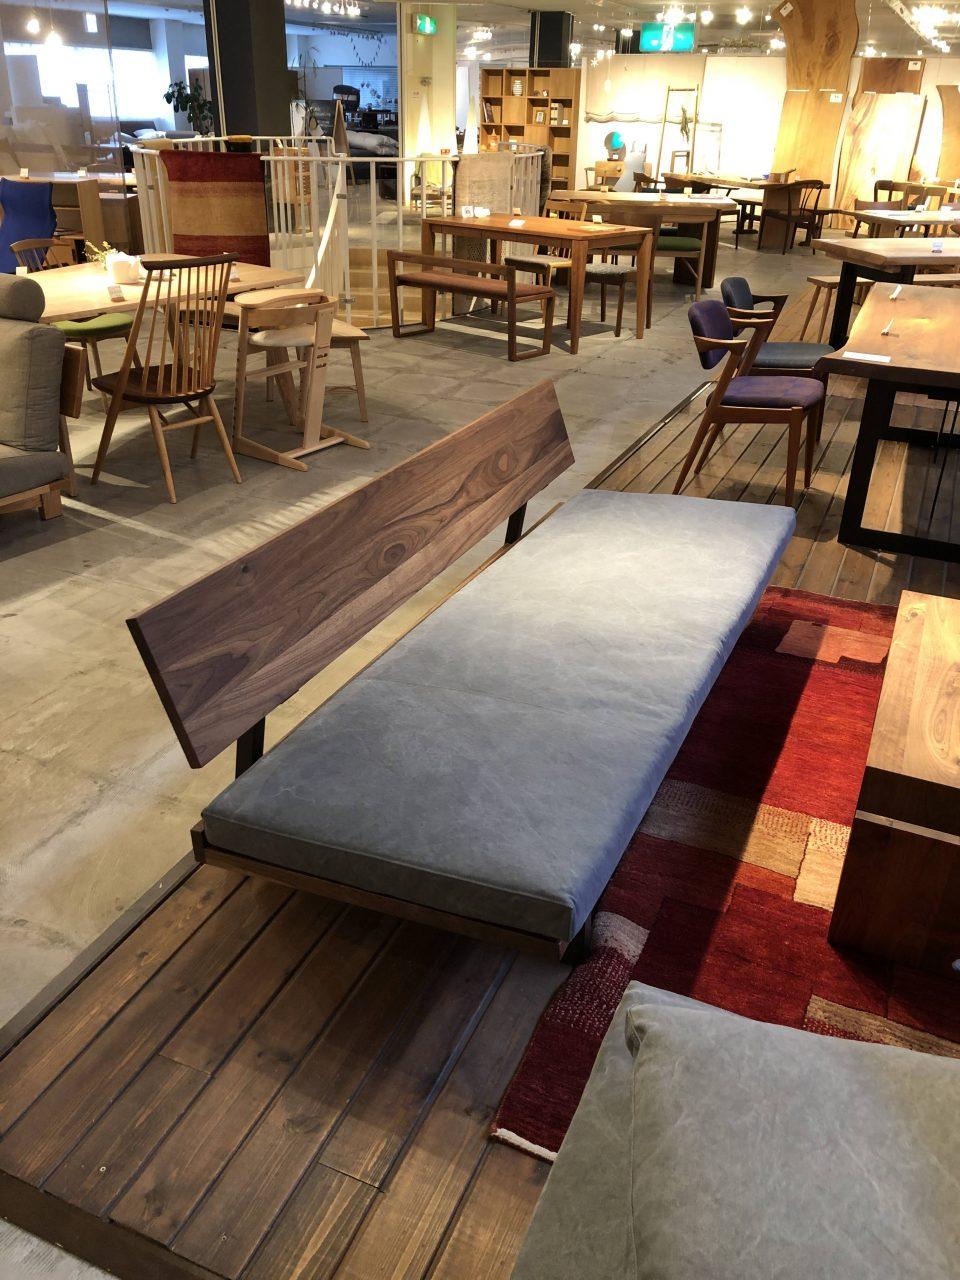 広松木工のスチール脚のフレックスソファは、展示がウォールナット材で張地は帆布ピエトラです